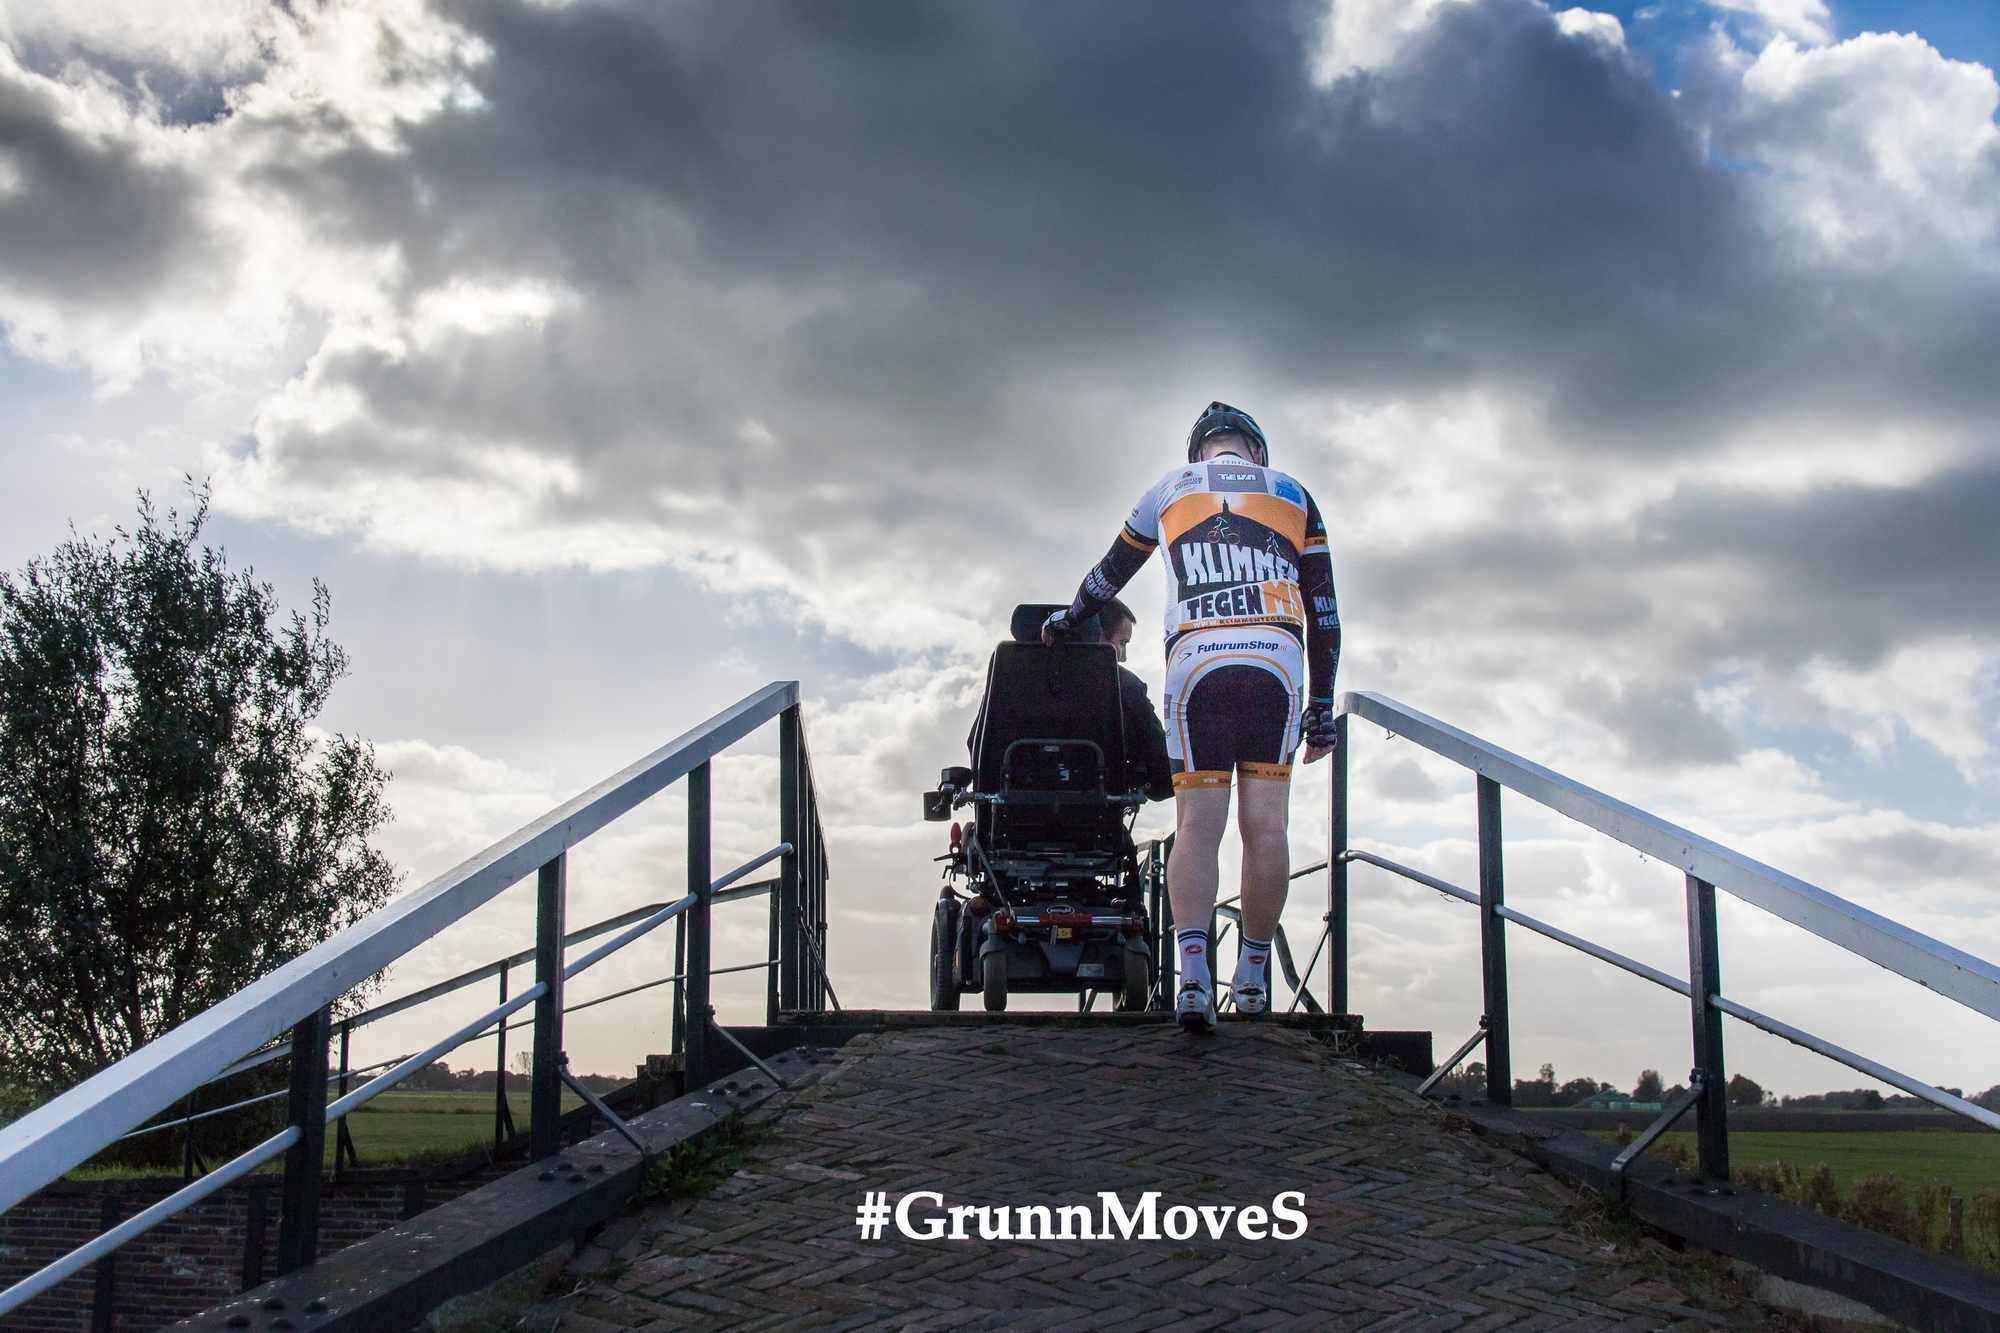 #GrunnMoveS: ArenA MoveS